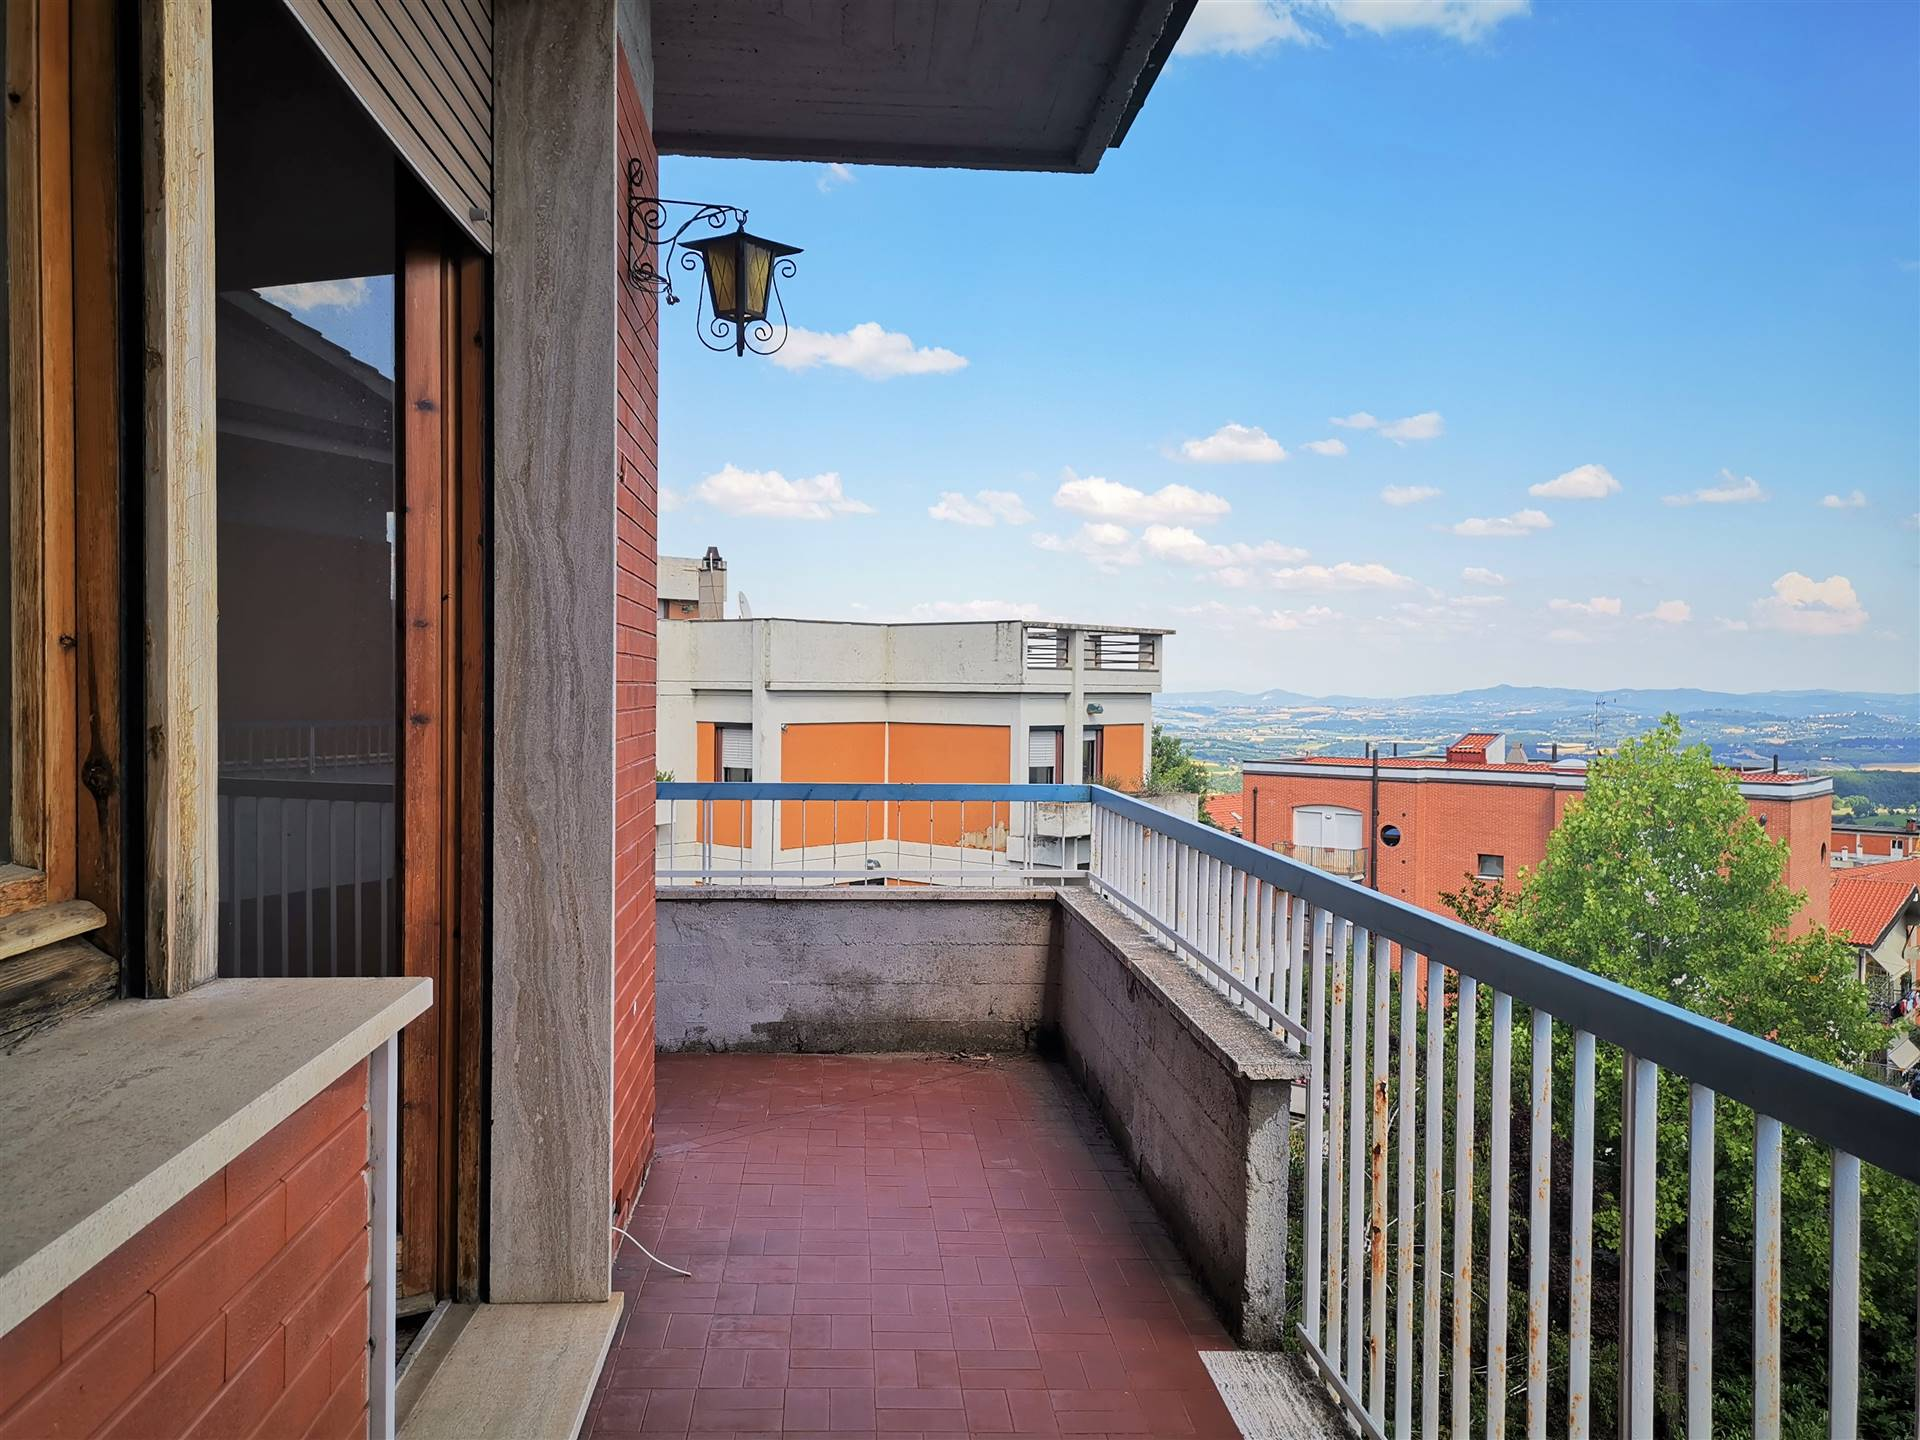 Appartamento in vendita a Chianciano Terme, 4 locali, prezzo € 79.000 | PortaleAgenzieImmobiliari.it